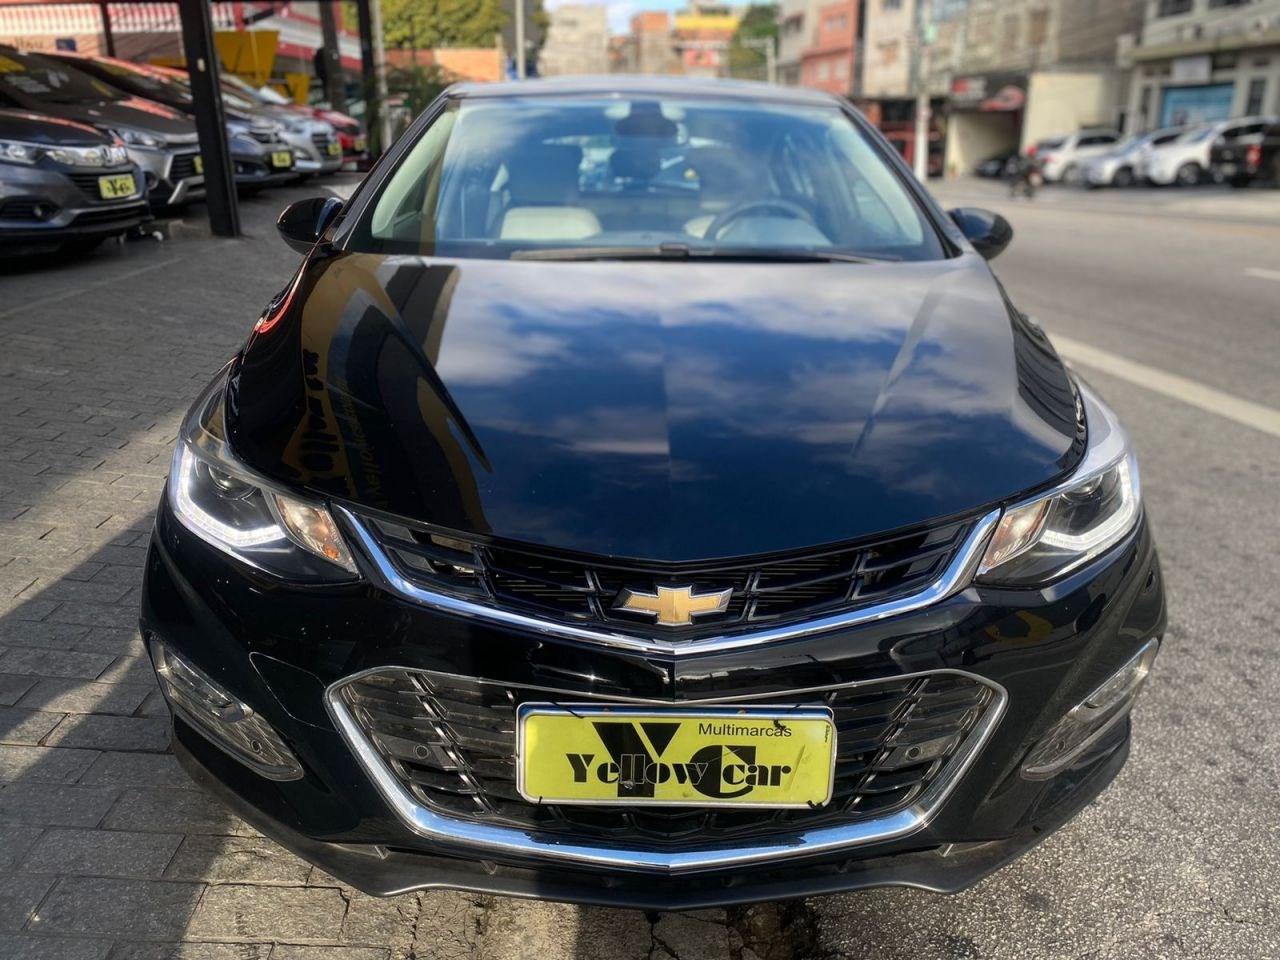 //www.autoline.com.br/carro/chevrolet/cruze-14-hatch-sport-ltz-16v-flex-4p-turbo-automati/2019/sao-paulo-sp/15693476